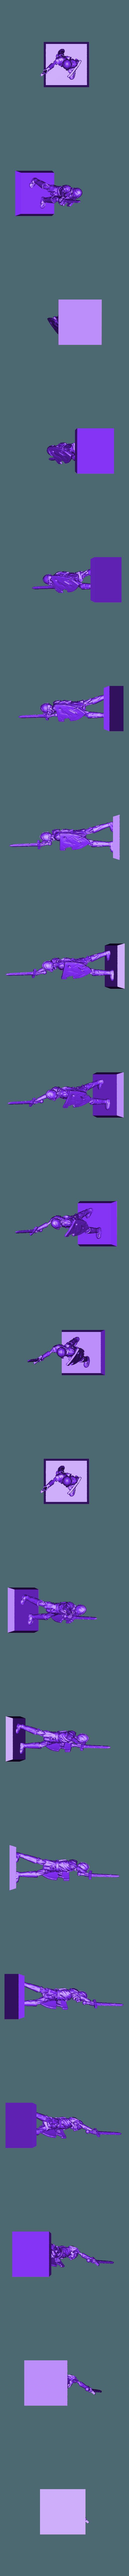 skeleton_warrior_square_base_v2.stl Télécharger fichier STL gratuit Skeleton Warrior Miniature version #2 • Design pour impression 3D, Ilhadiel